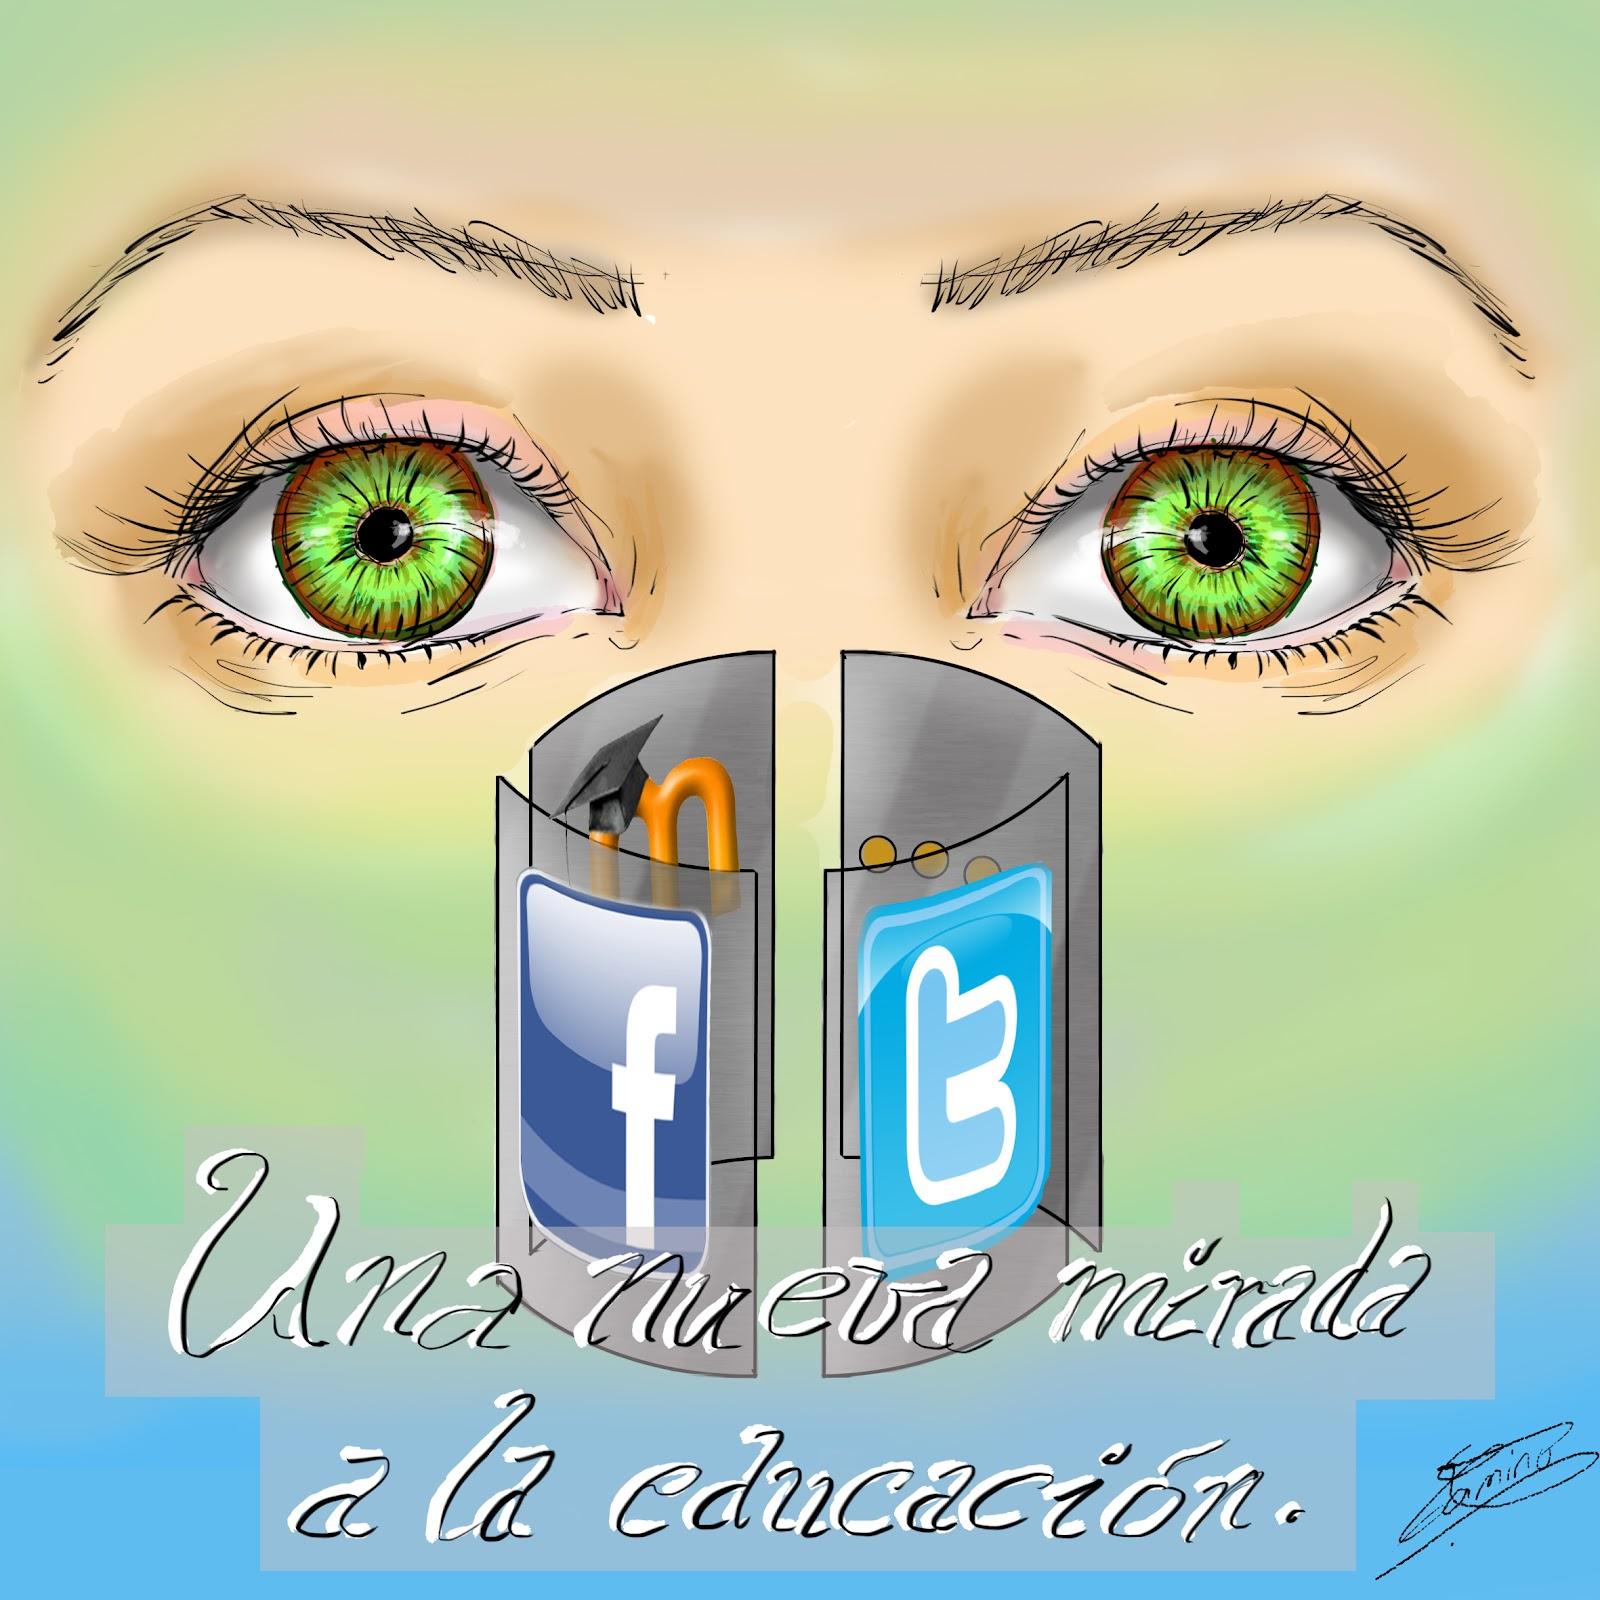 arteforart  facebook y twitter vs moodle  el trabajo